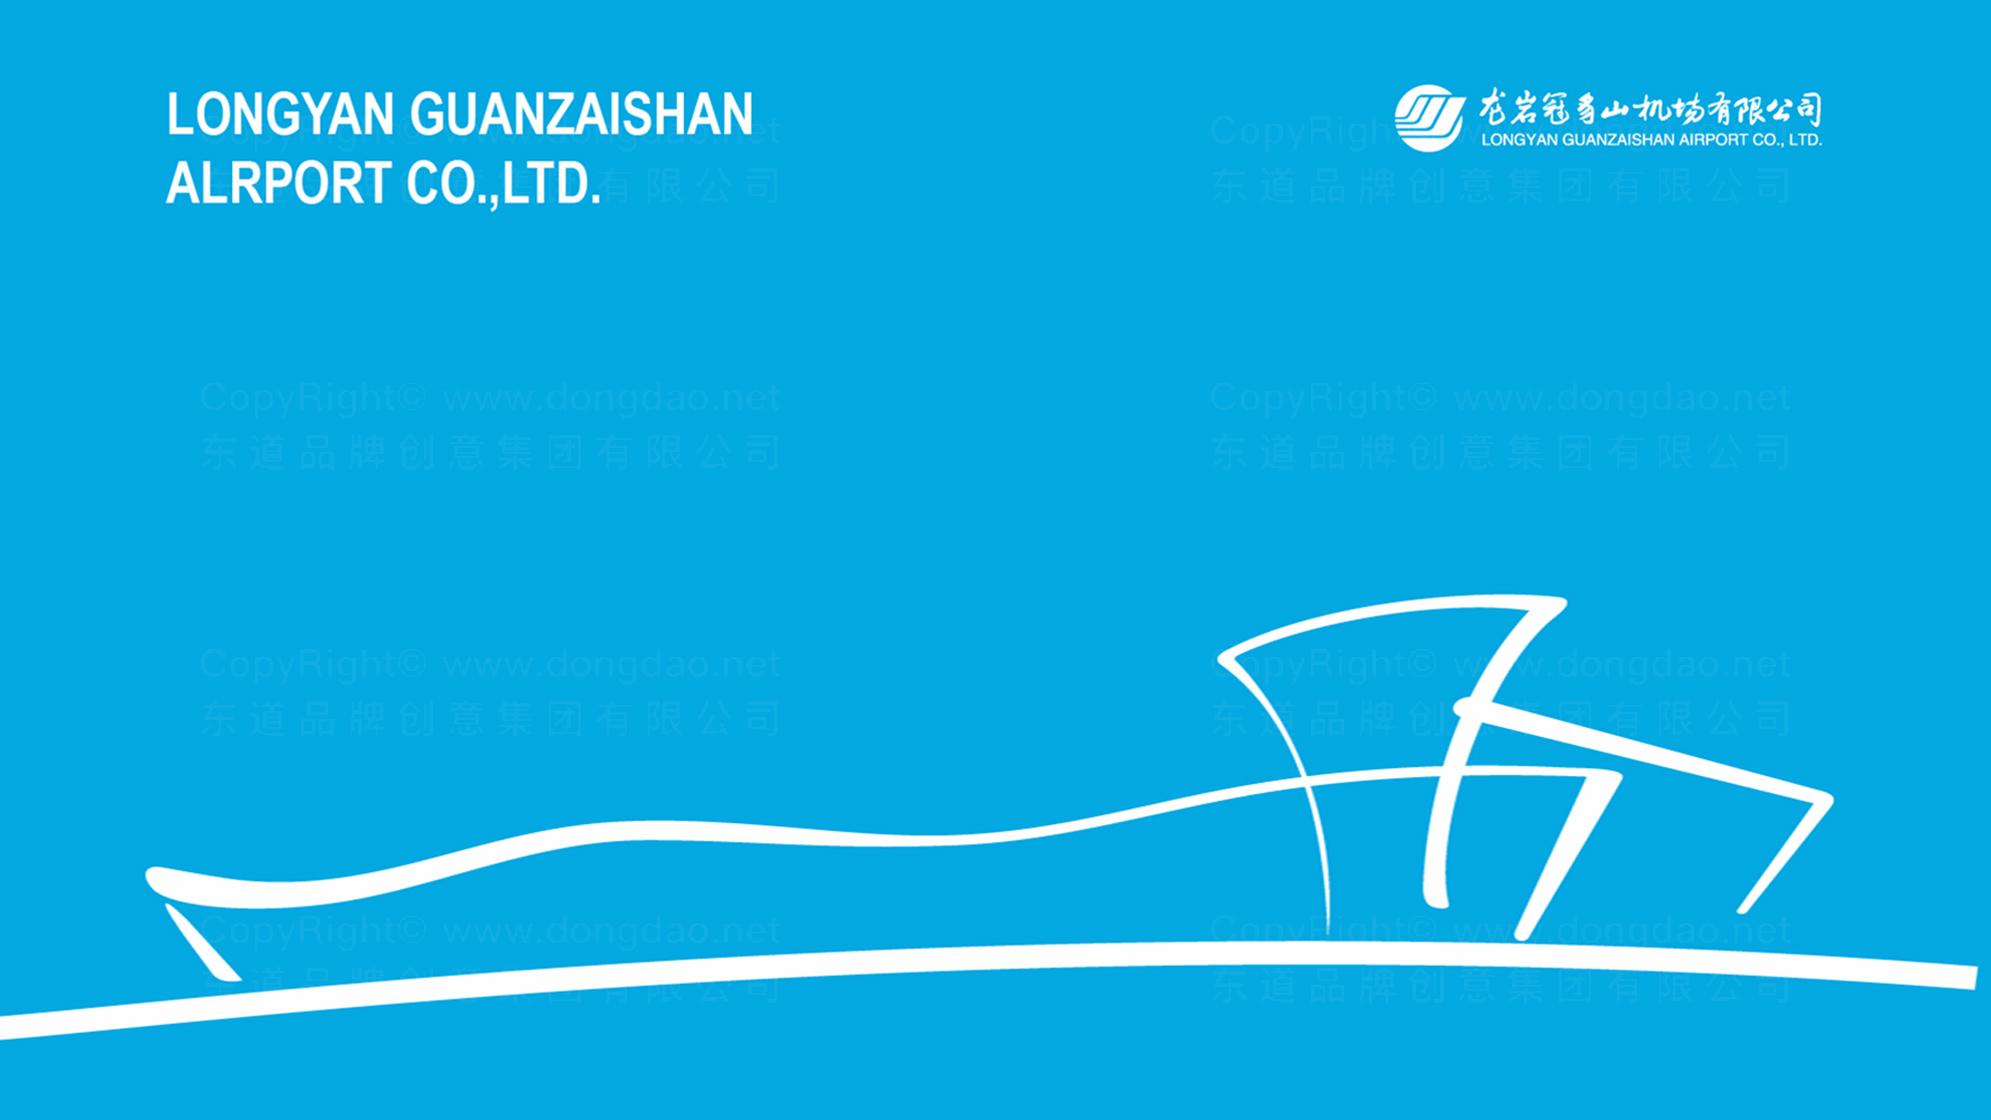 品牌设计翔业集团标志设计应用场景_7